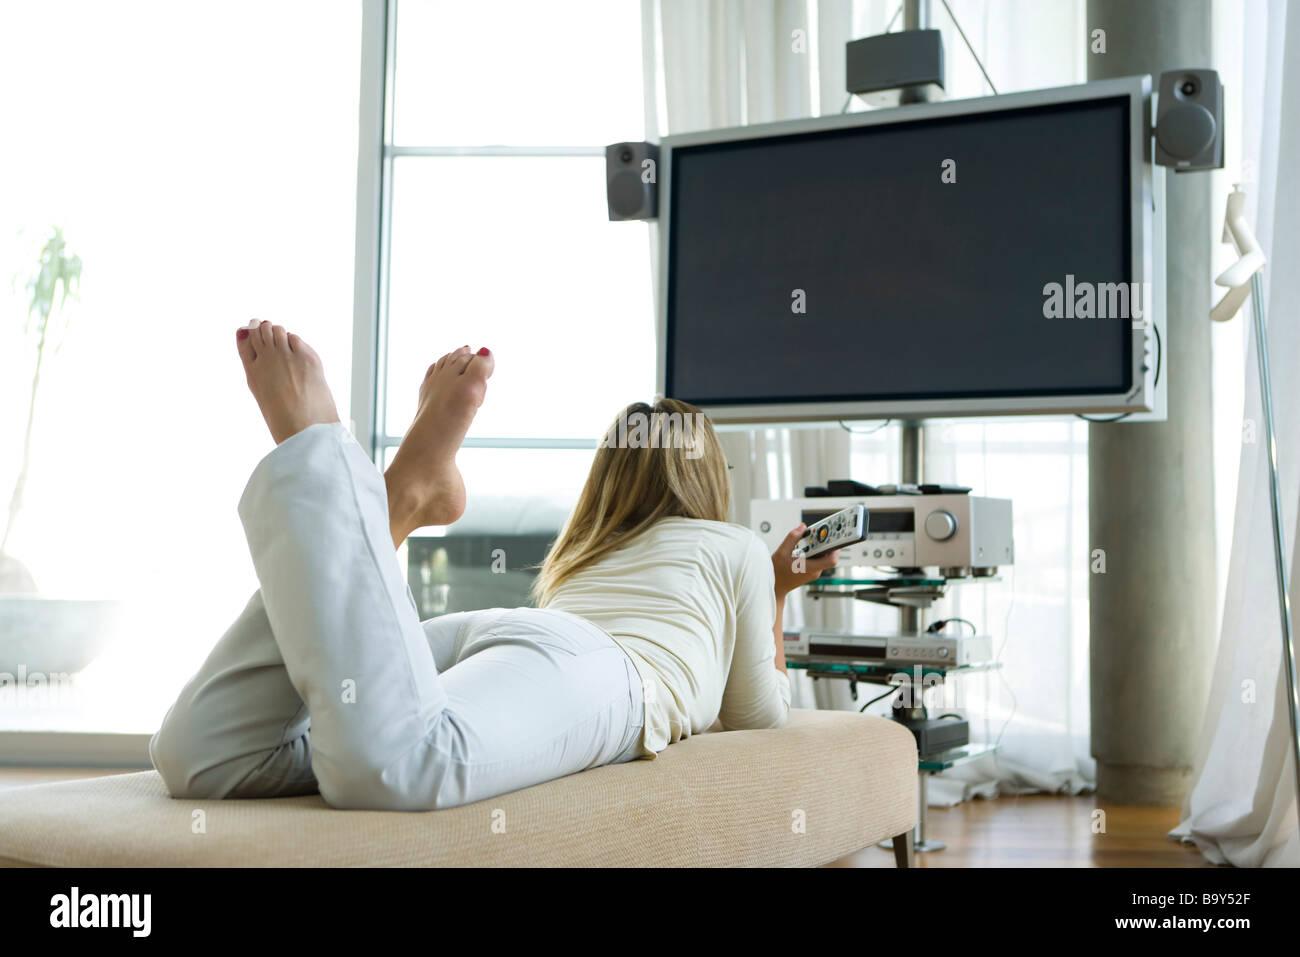 Frau liegend auf Bauch vor dem Flachbild-Fernseher mit surround-sound, remote Control in der hand, Rückansicht Stockbild